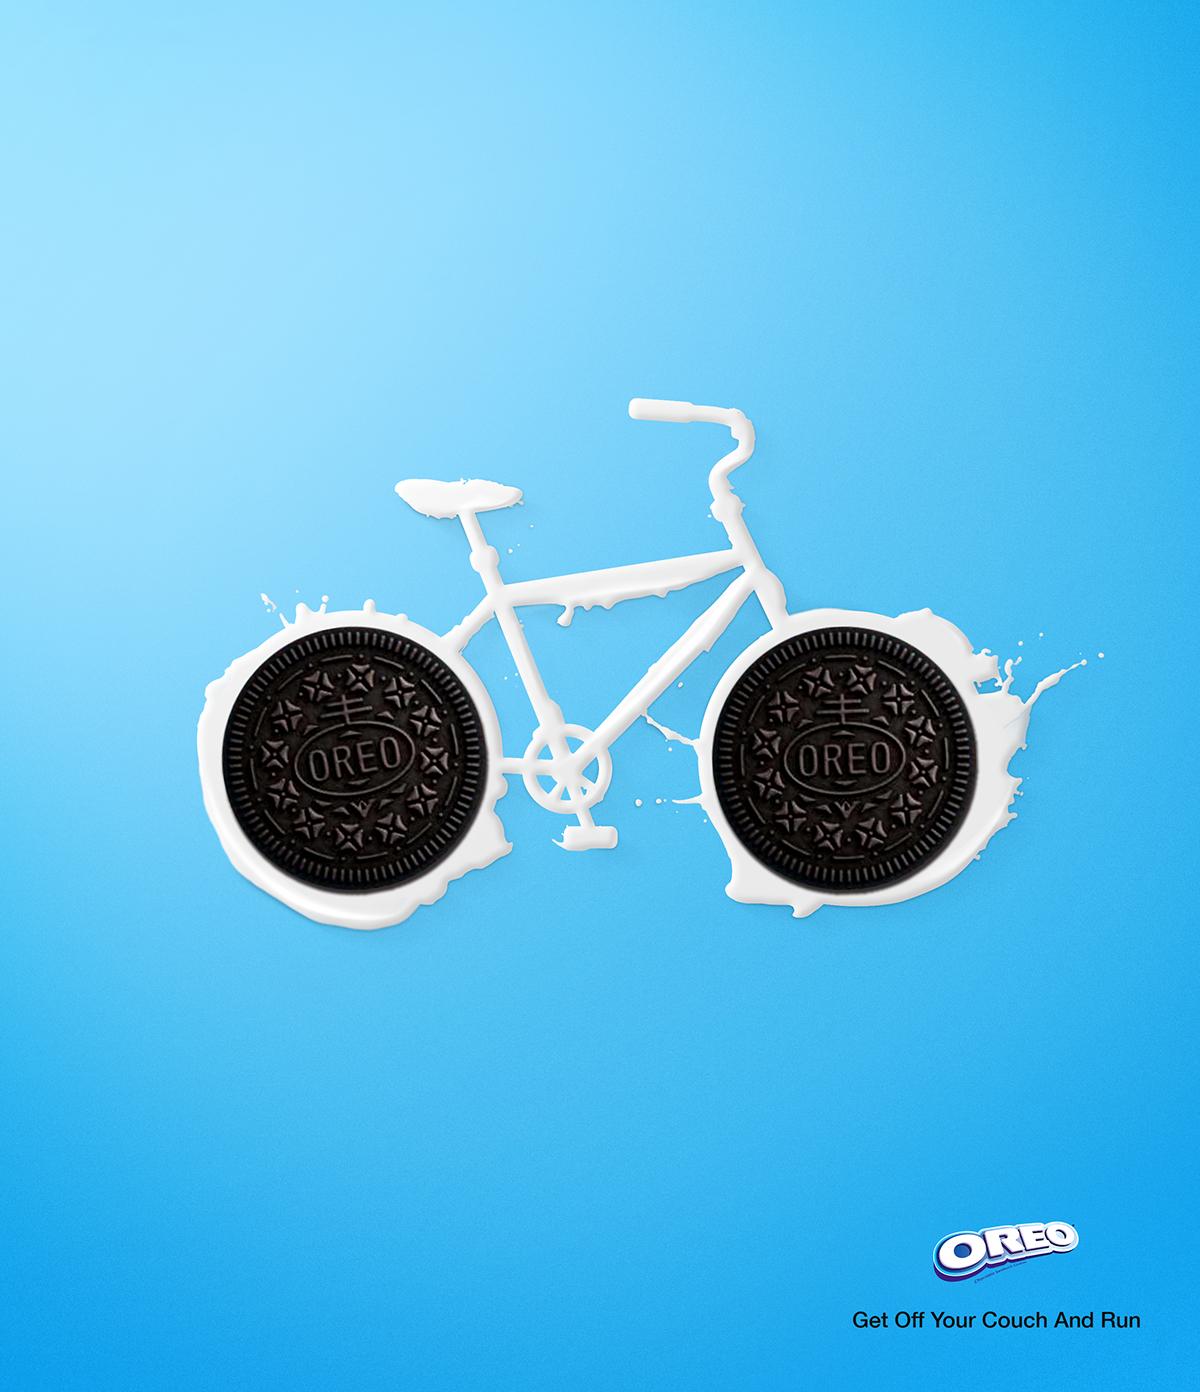 oreo biscuits milk Bike ads ad